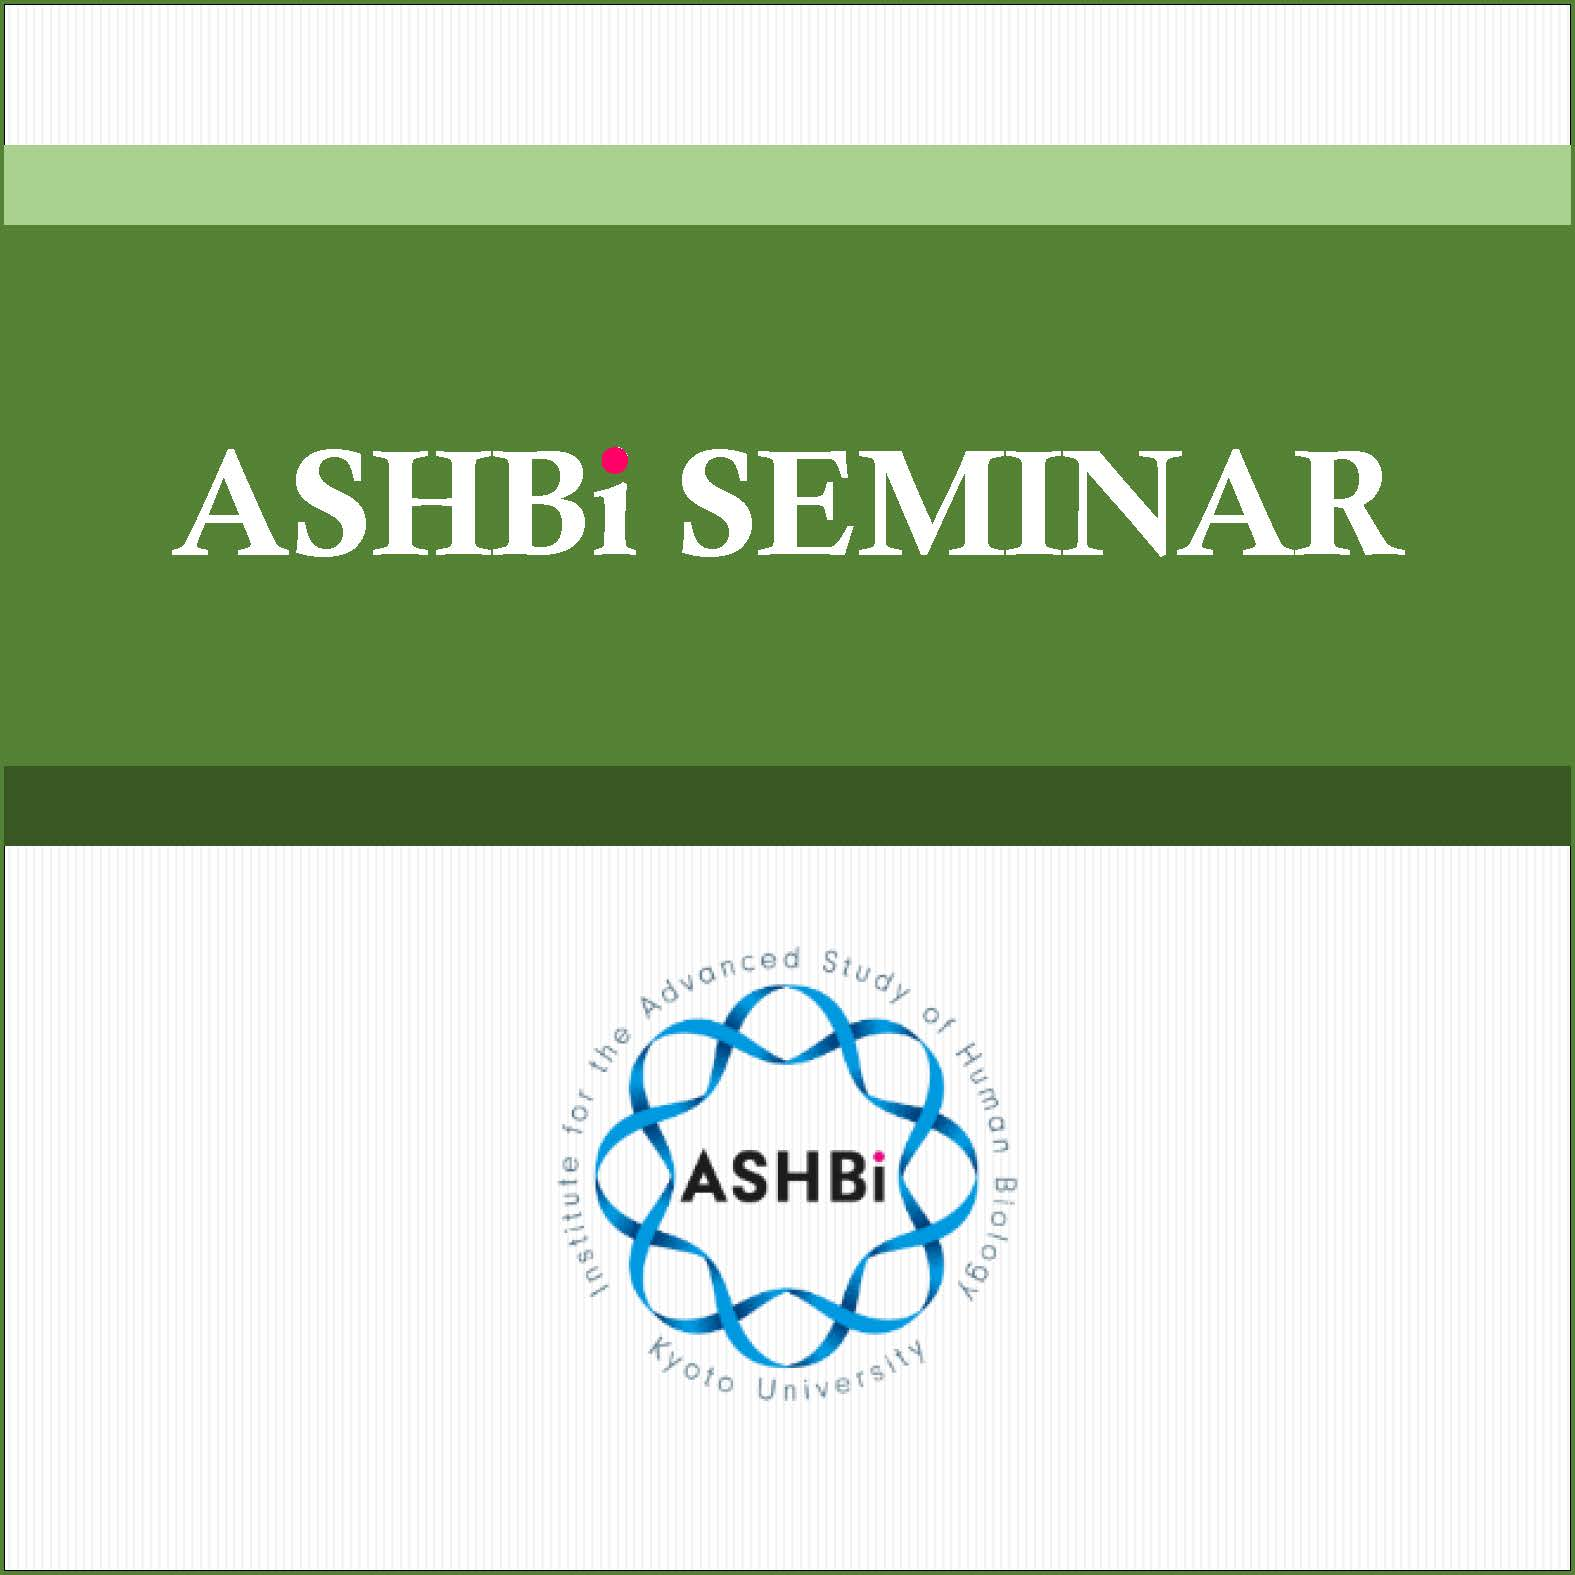 ASHBi Seminar